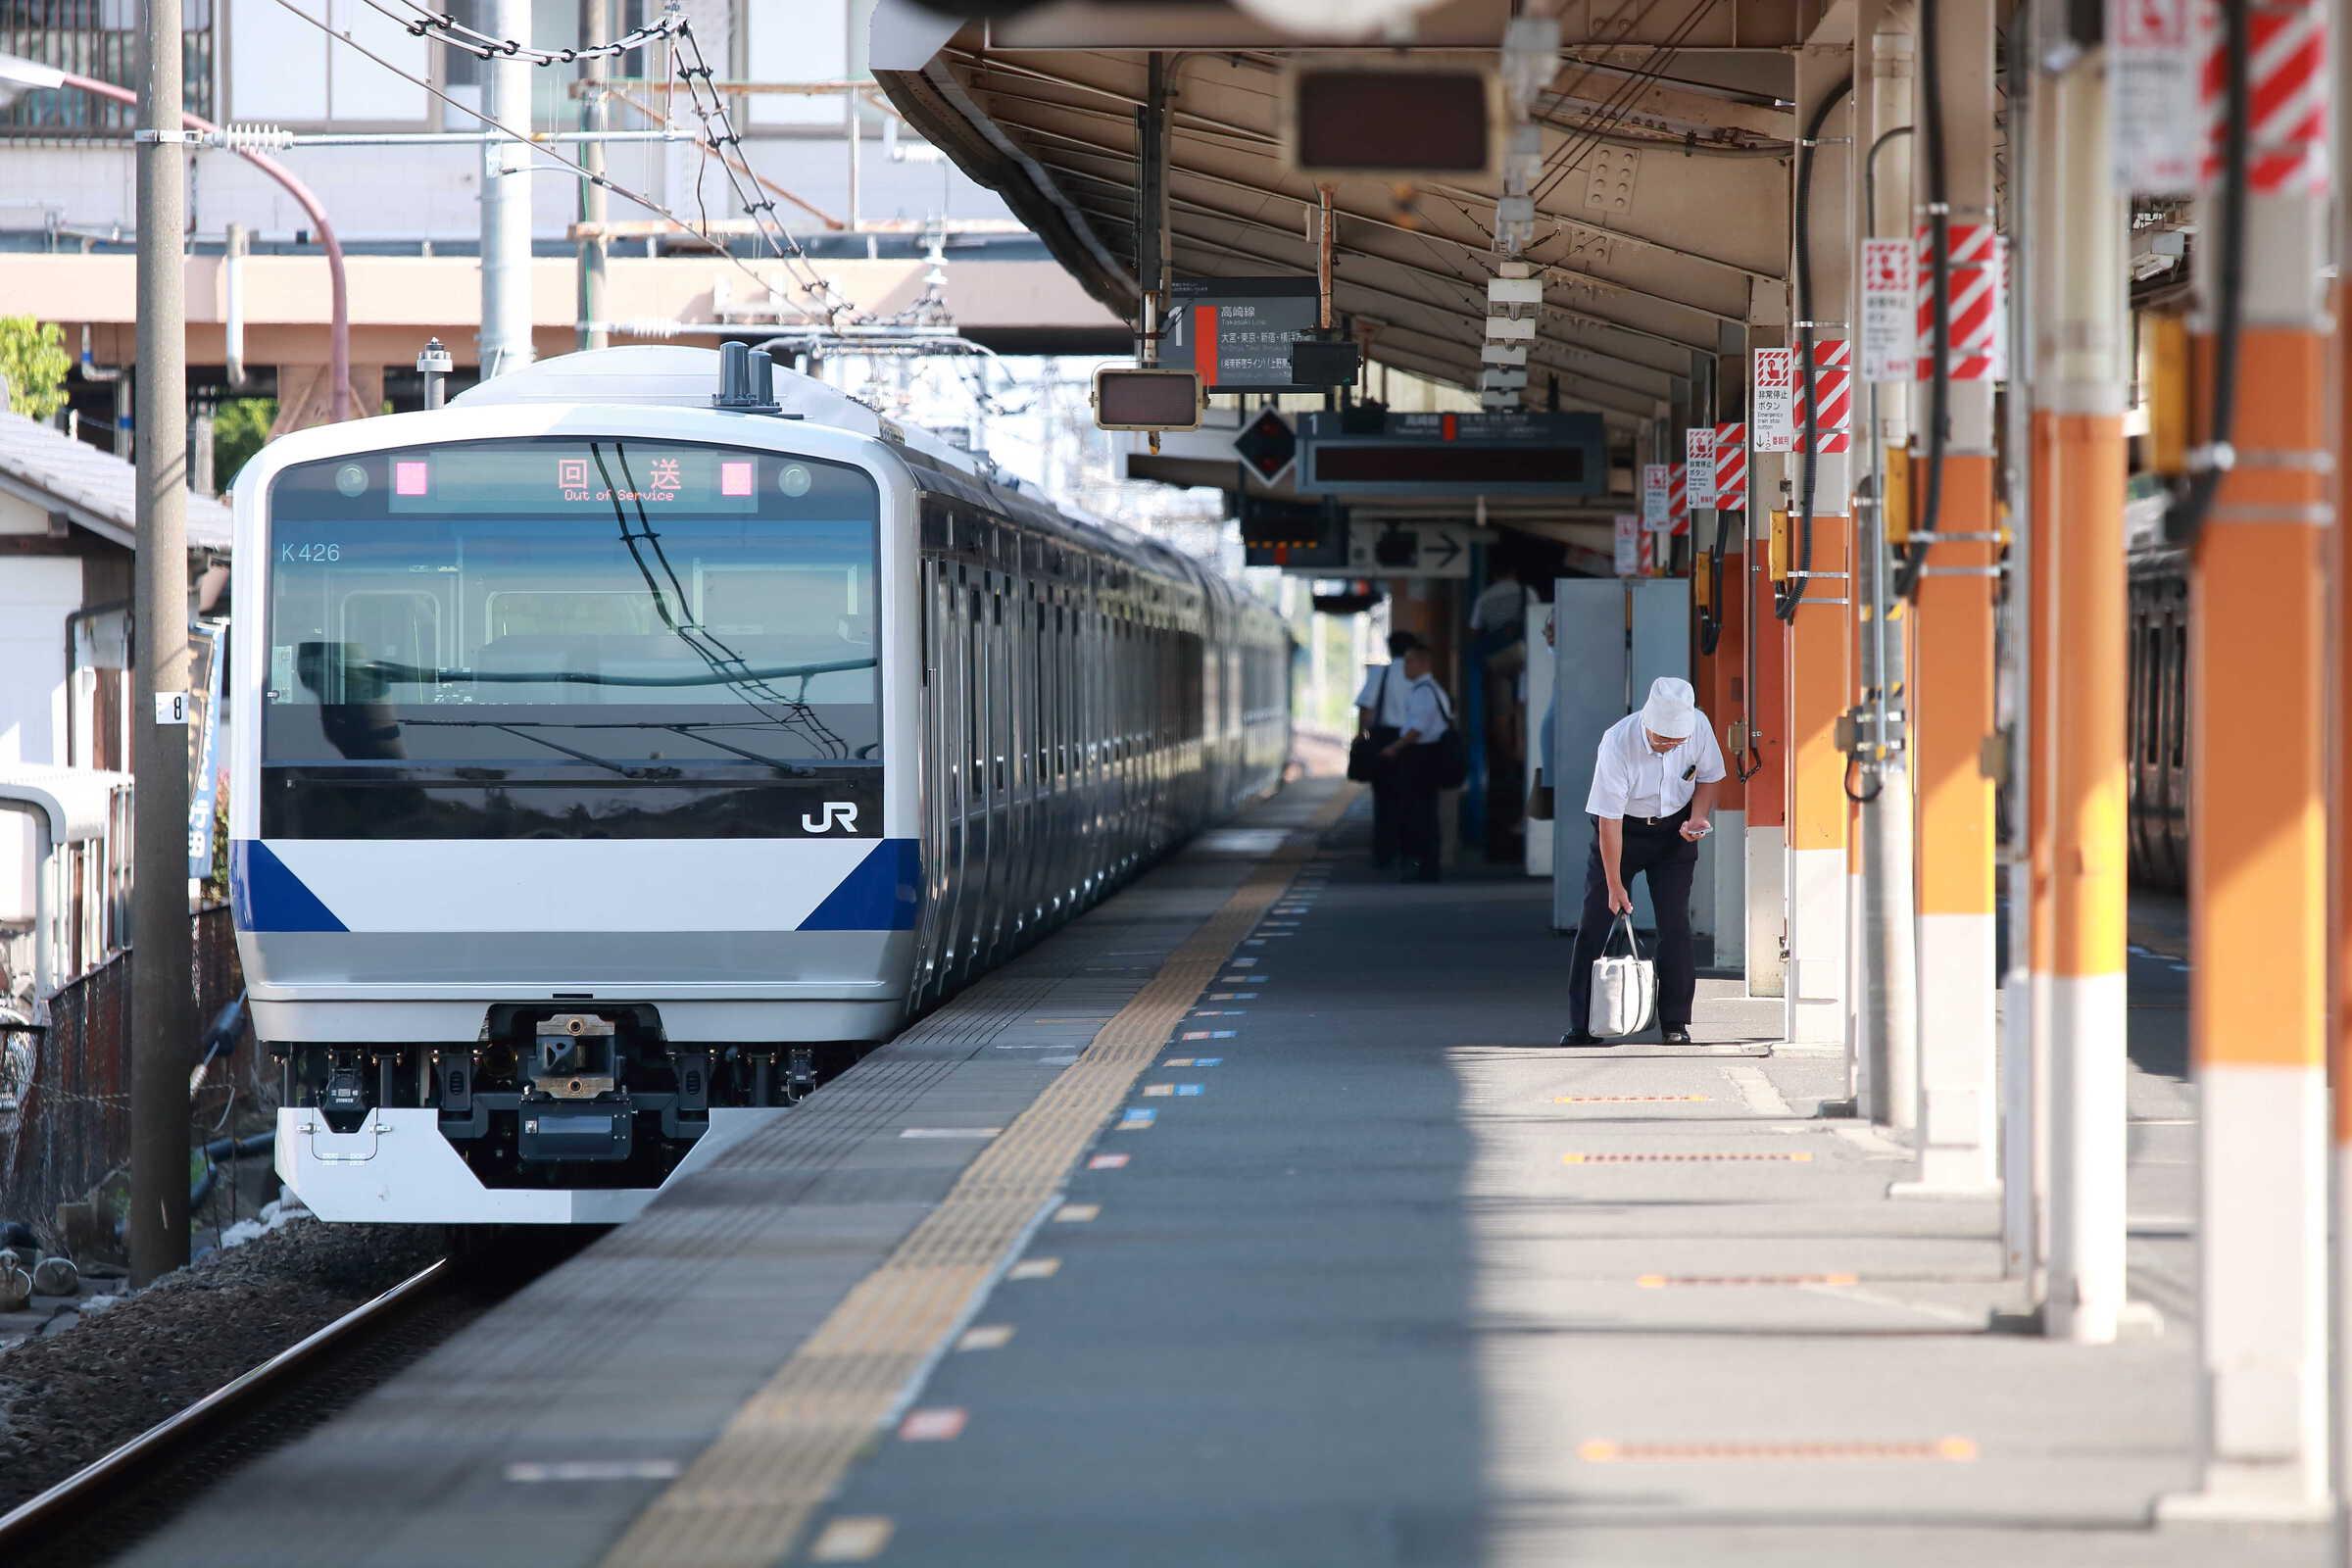 配9772列車 J-TREC新津事業所出場配給 EF64-1030①[長岡]+E531系 水カツK426編成